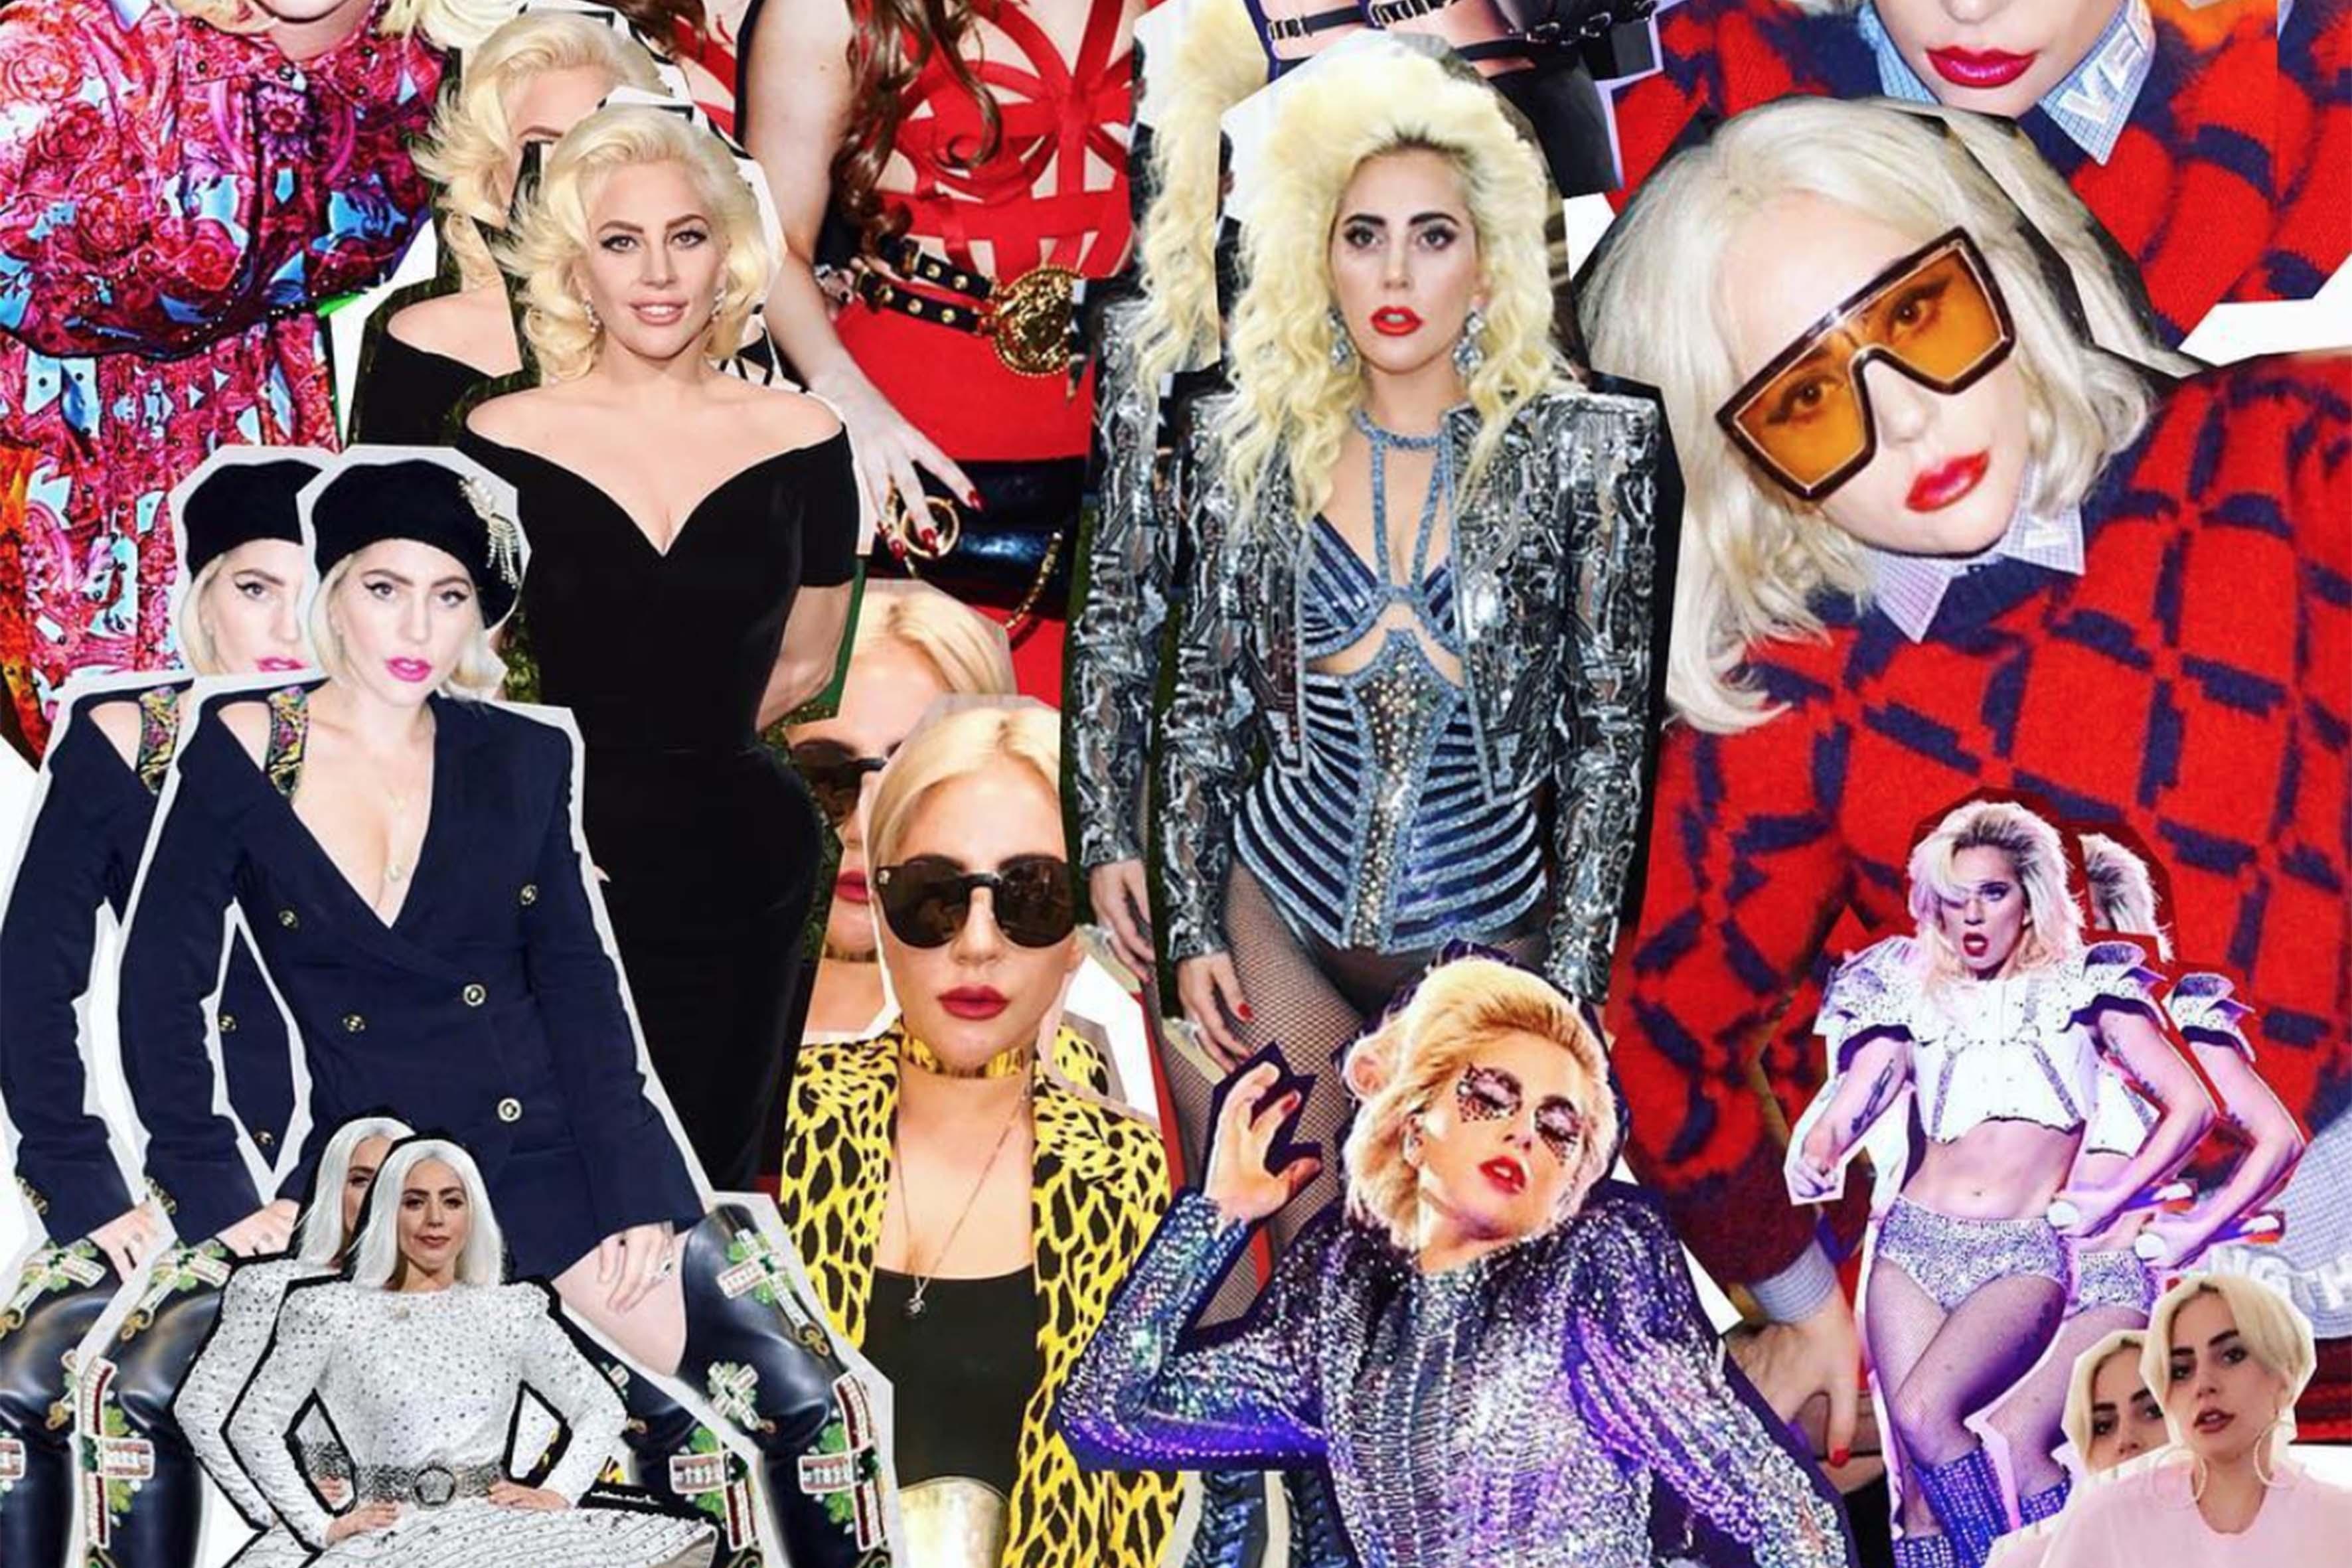 Lady Gaga e i suoi tantissimi outfit Versace: il collage è stato pubblicato da Donatella Versace su Instagram